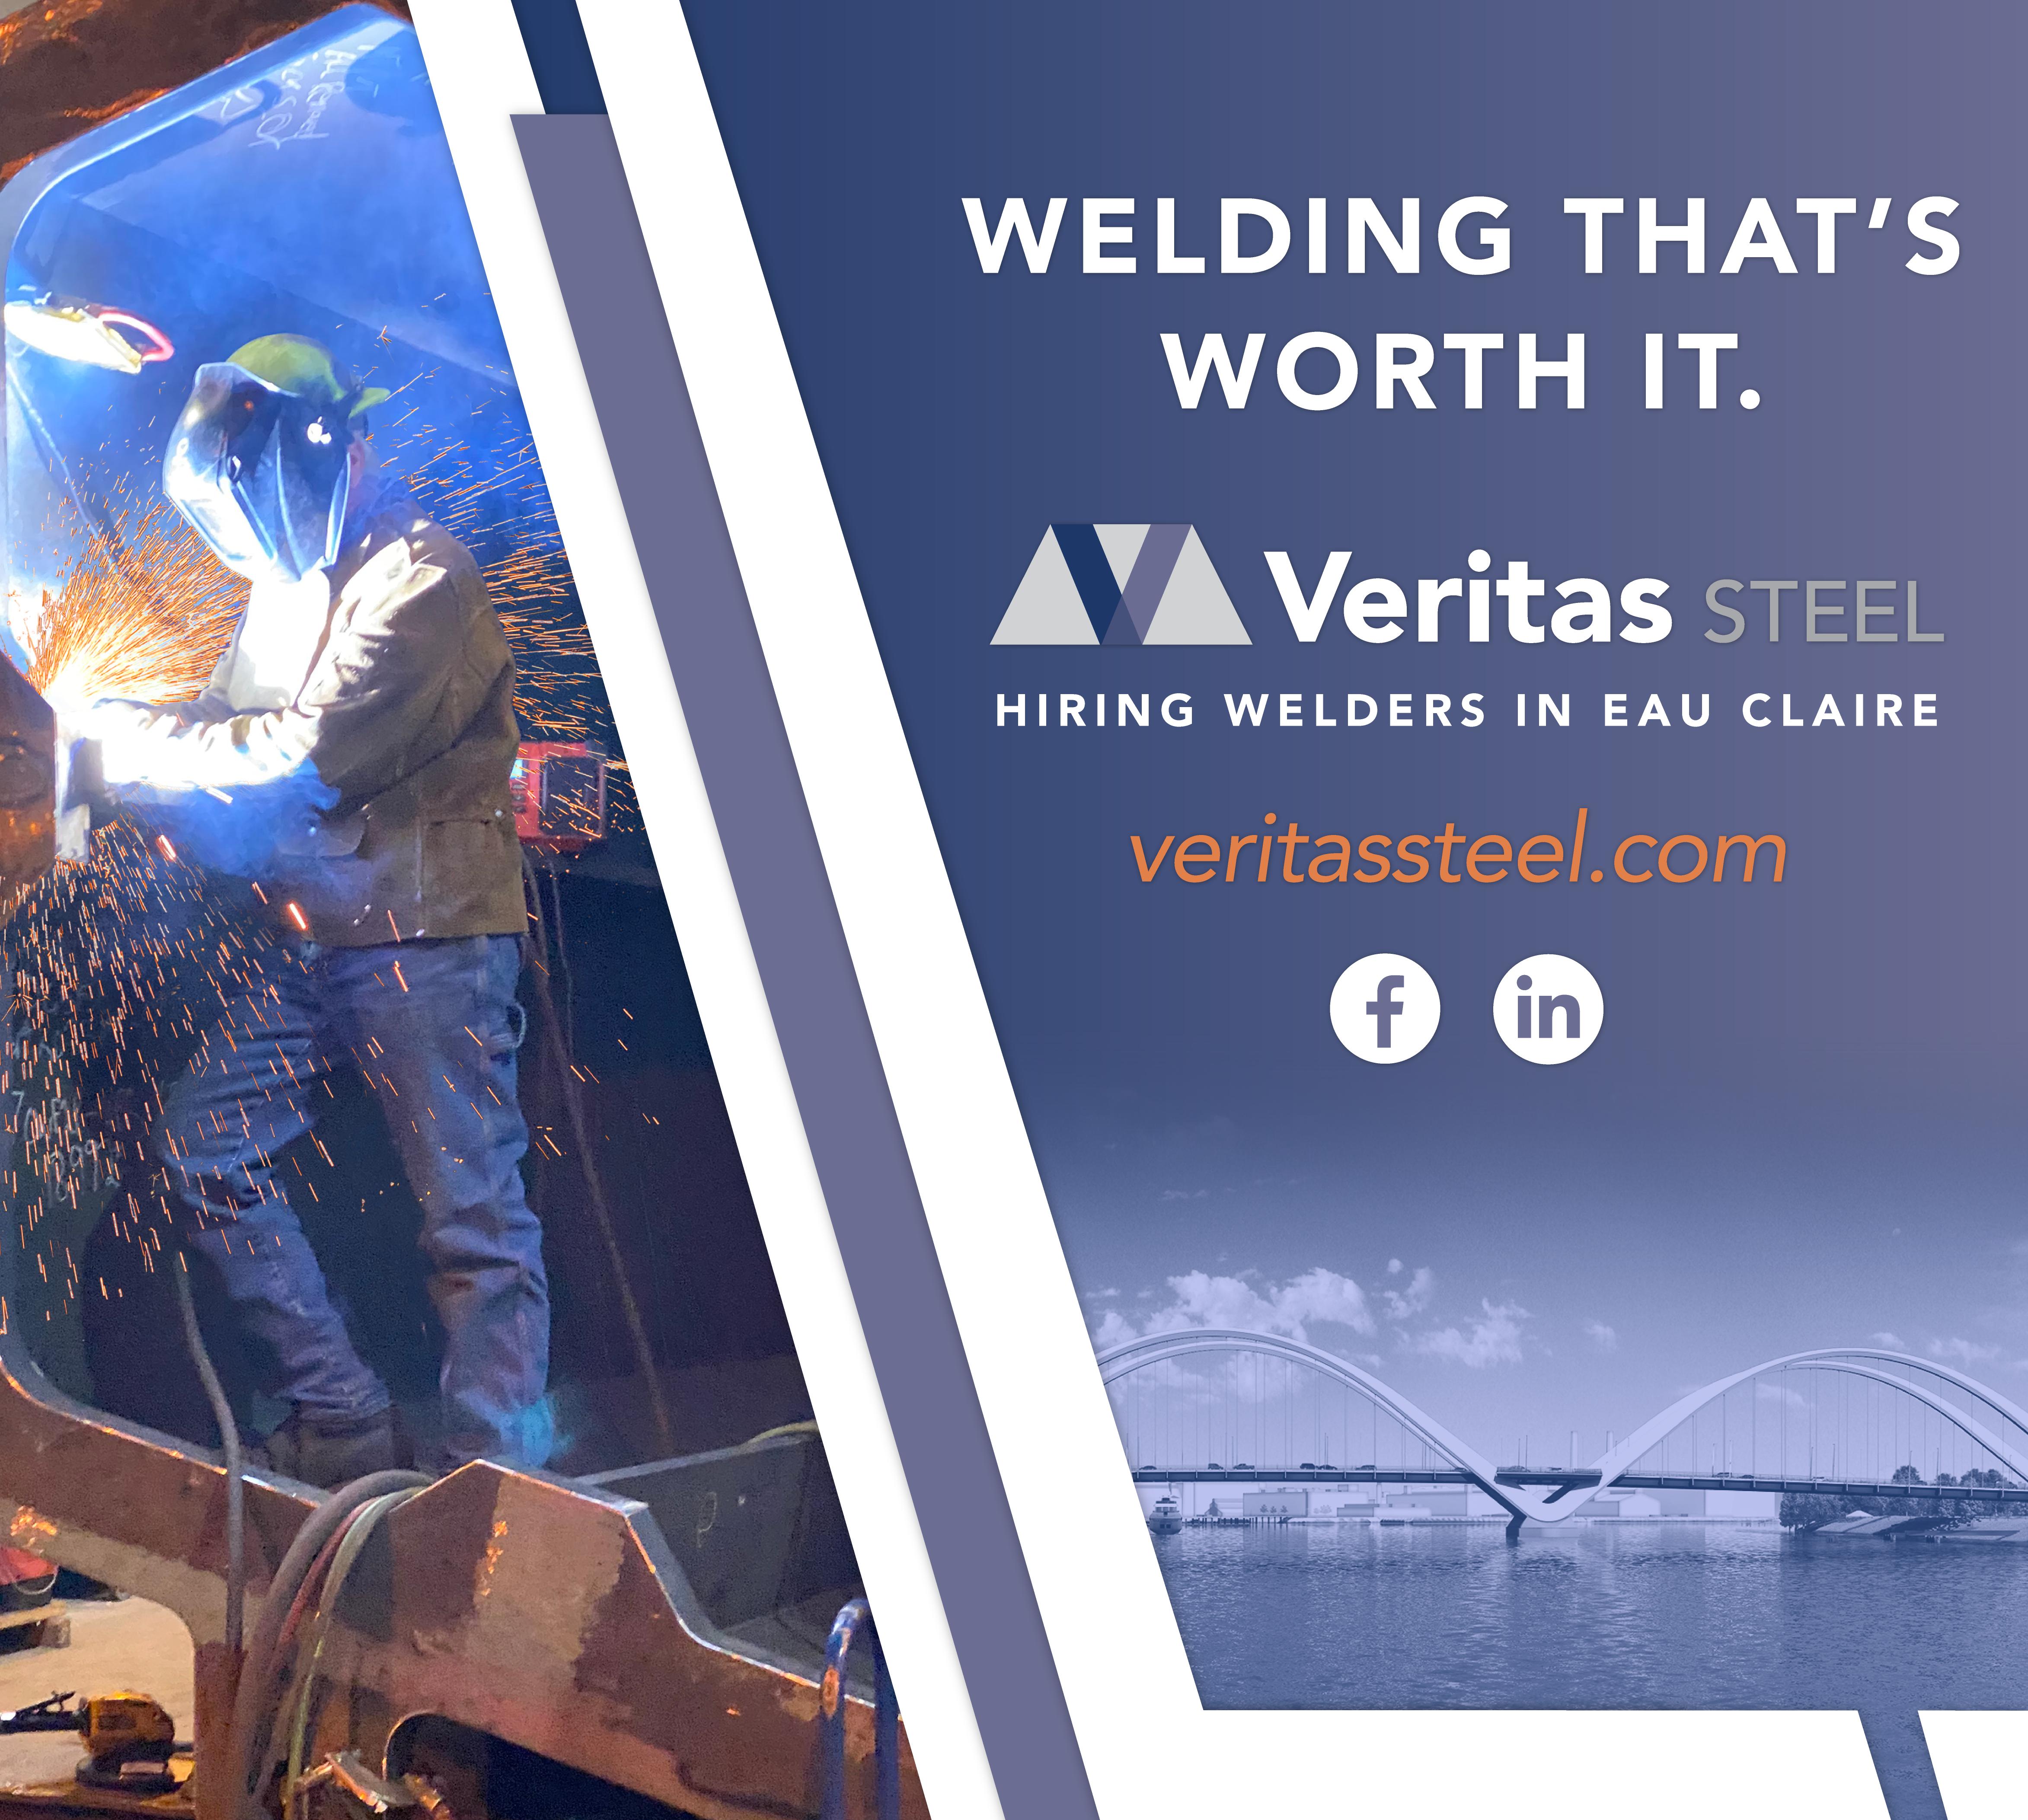 Veritas Steel